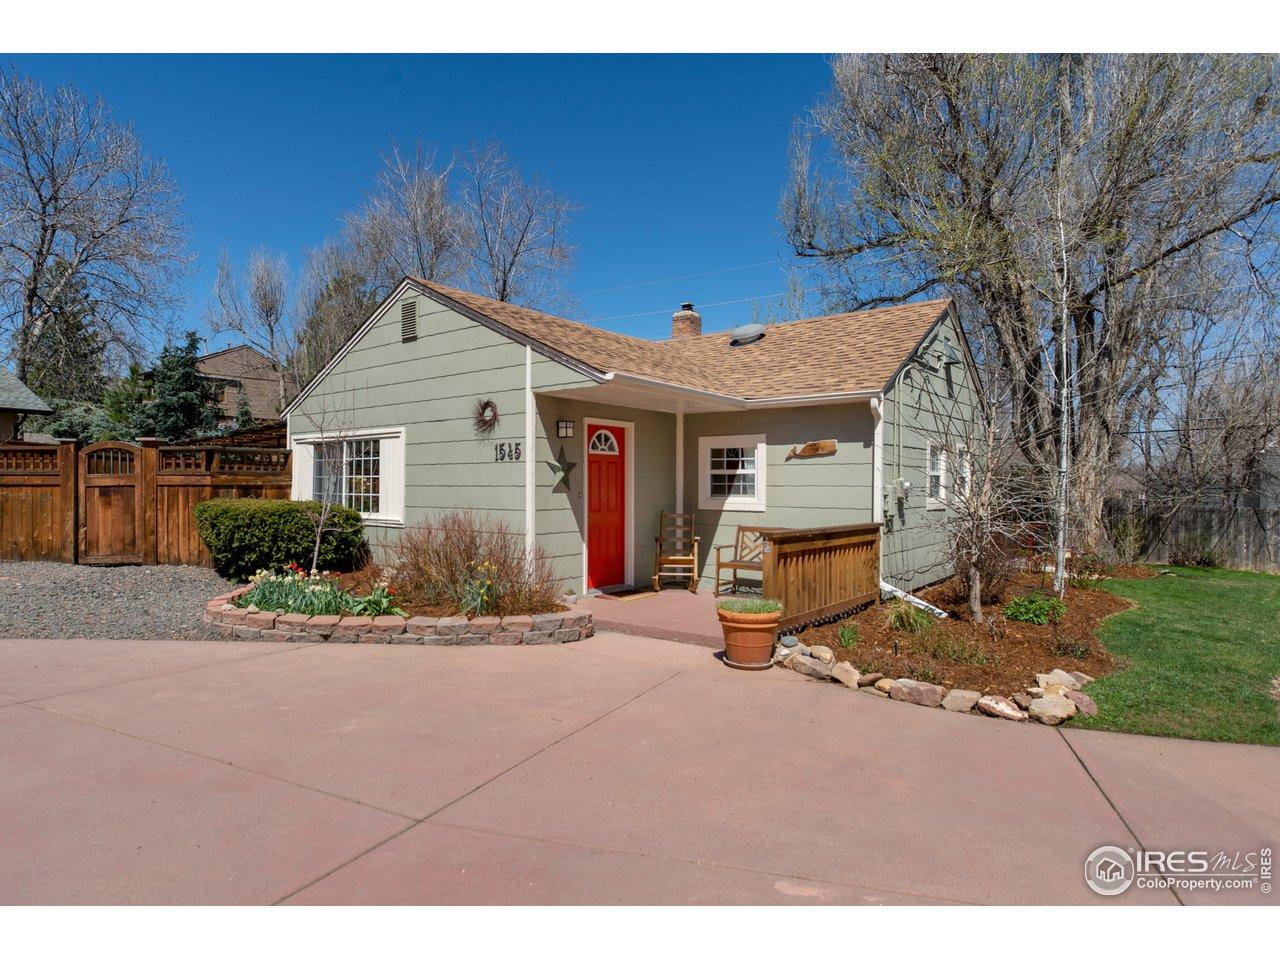 1545 Norwood Ave, Boulder CO 80304